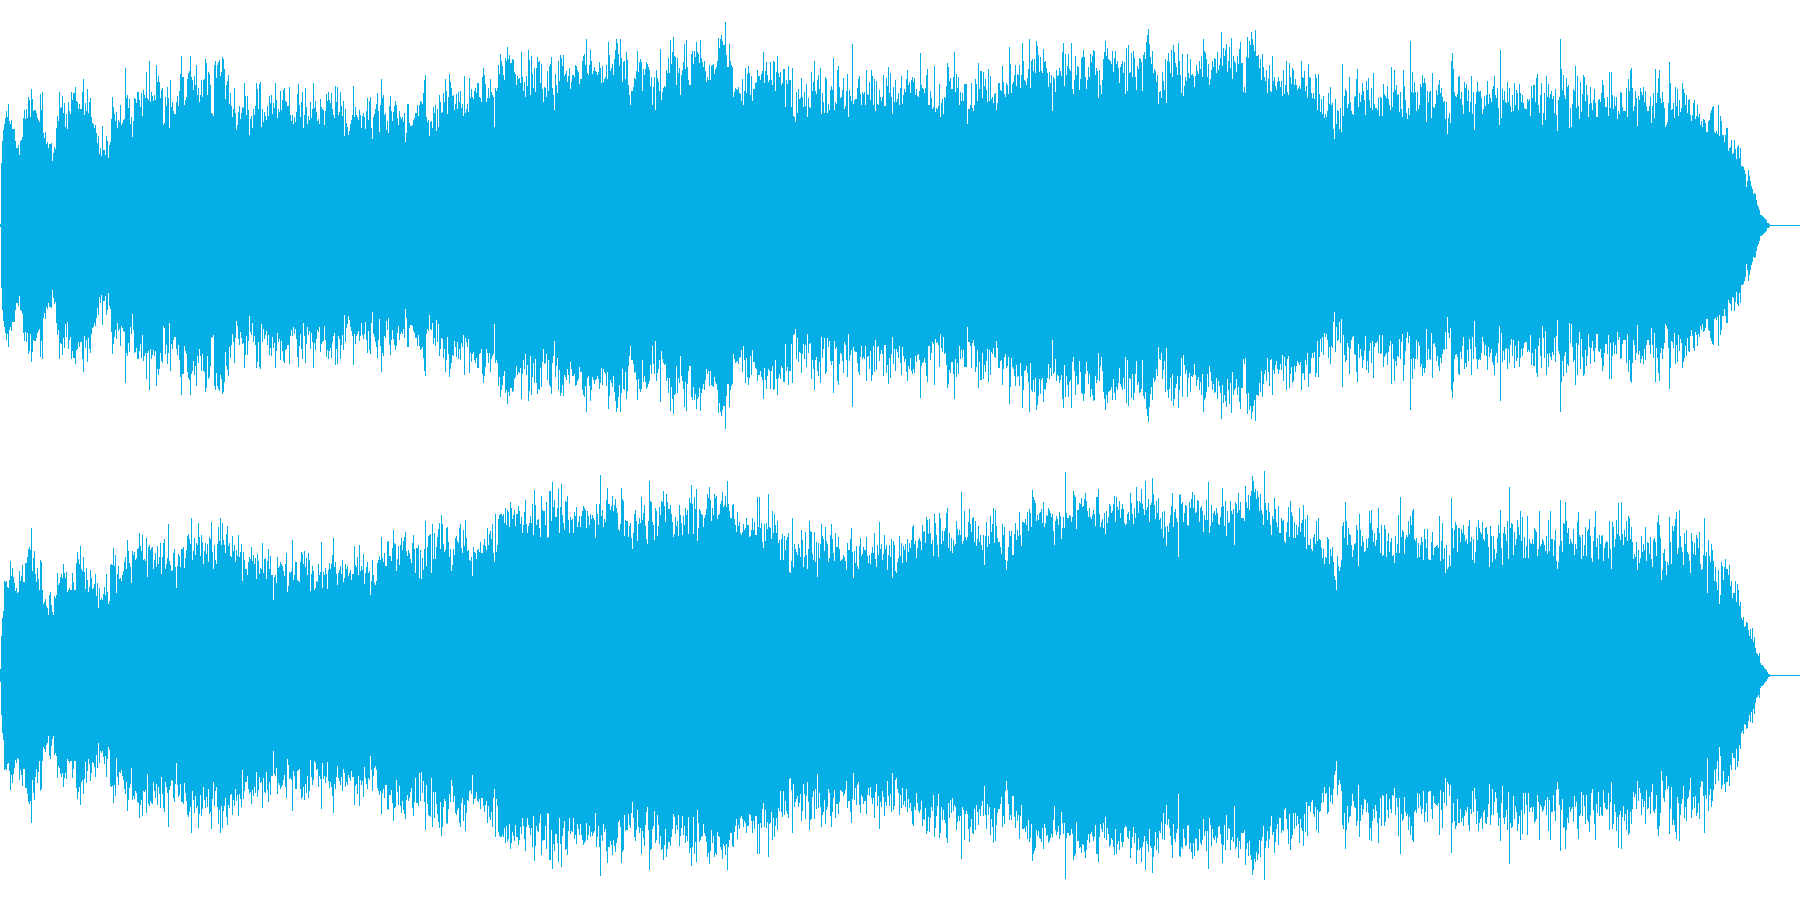 「関ヶ原の戦い」をイメージし、戦いの物…の再生済みの波形